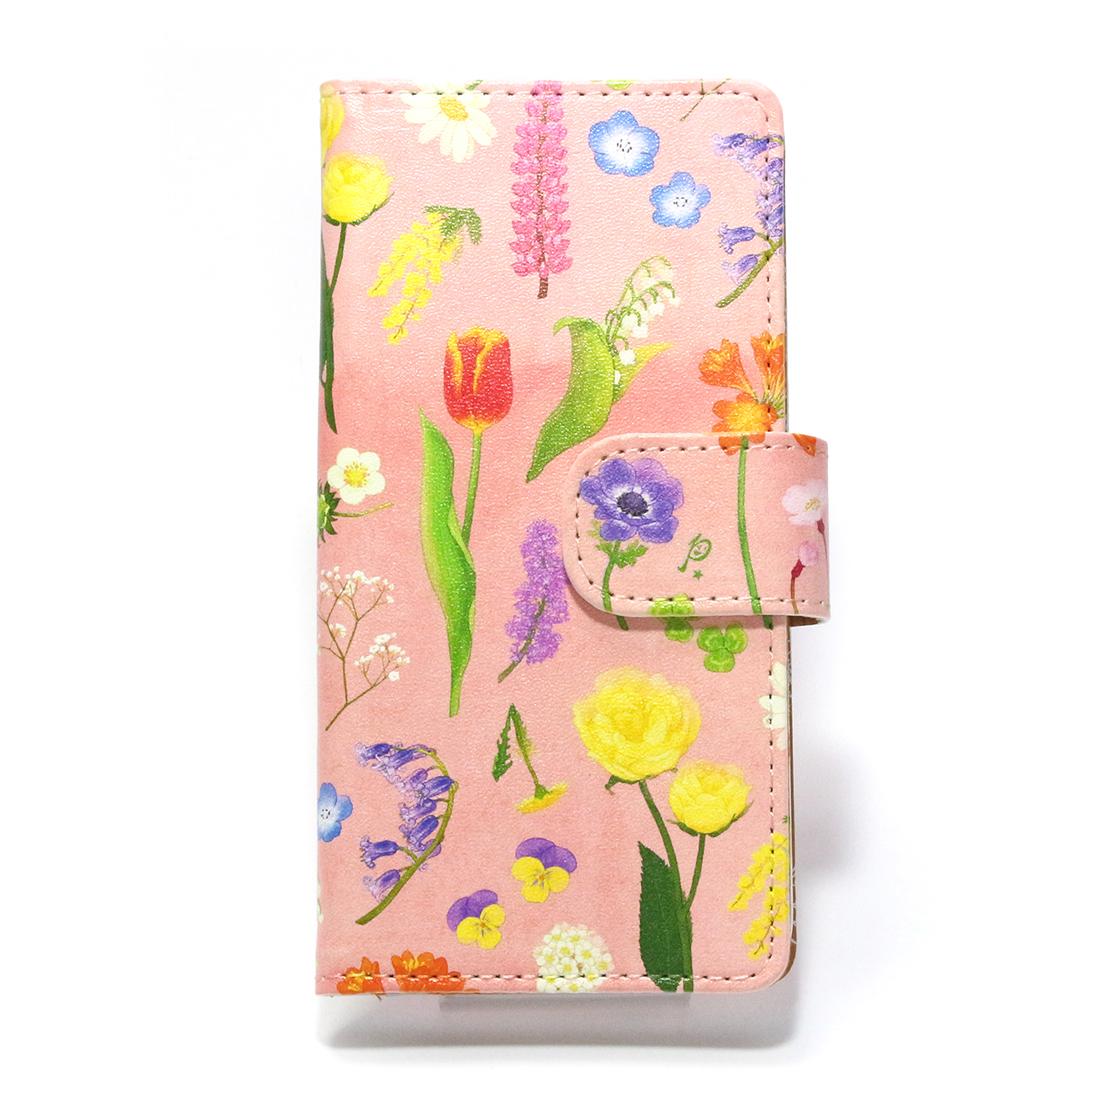 【7月誕生色モチーフ】ボタニカル / スマートフォンケース(iPhone6,iPhone7,iPhone8兼用)